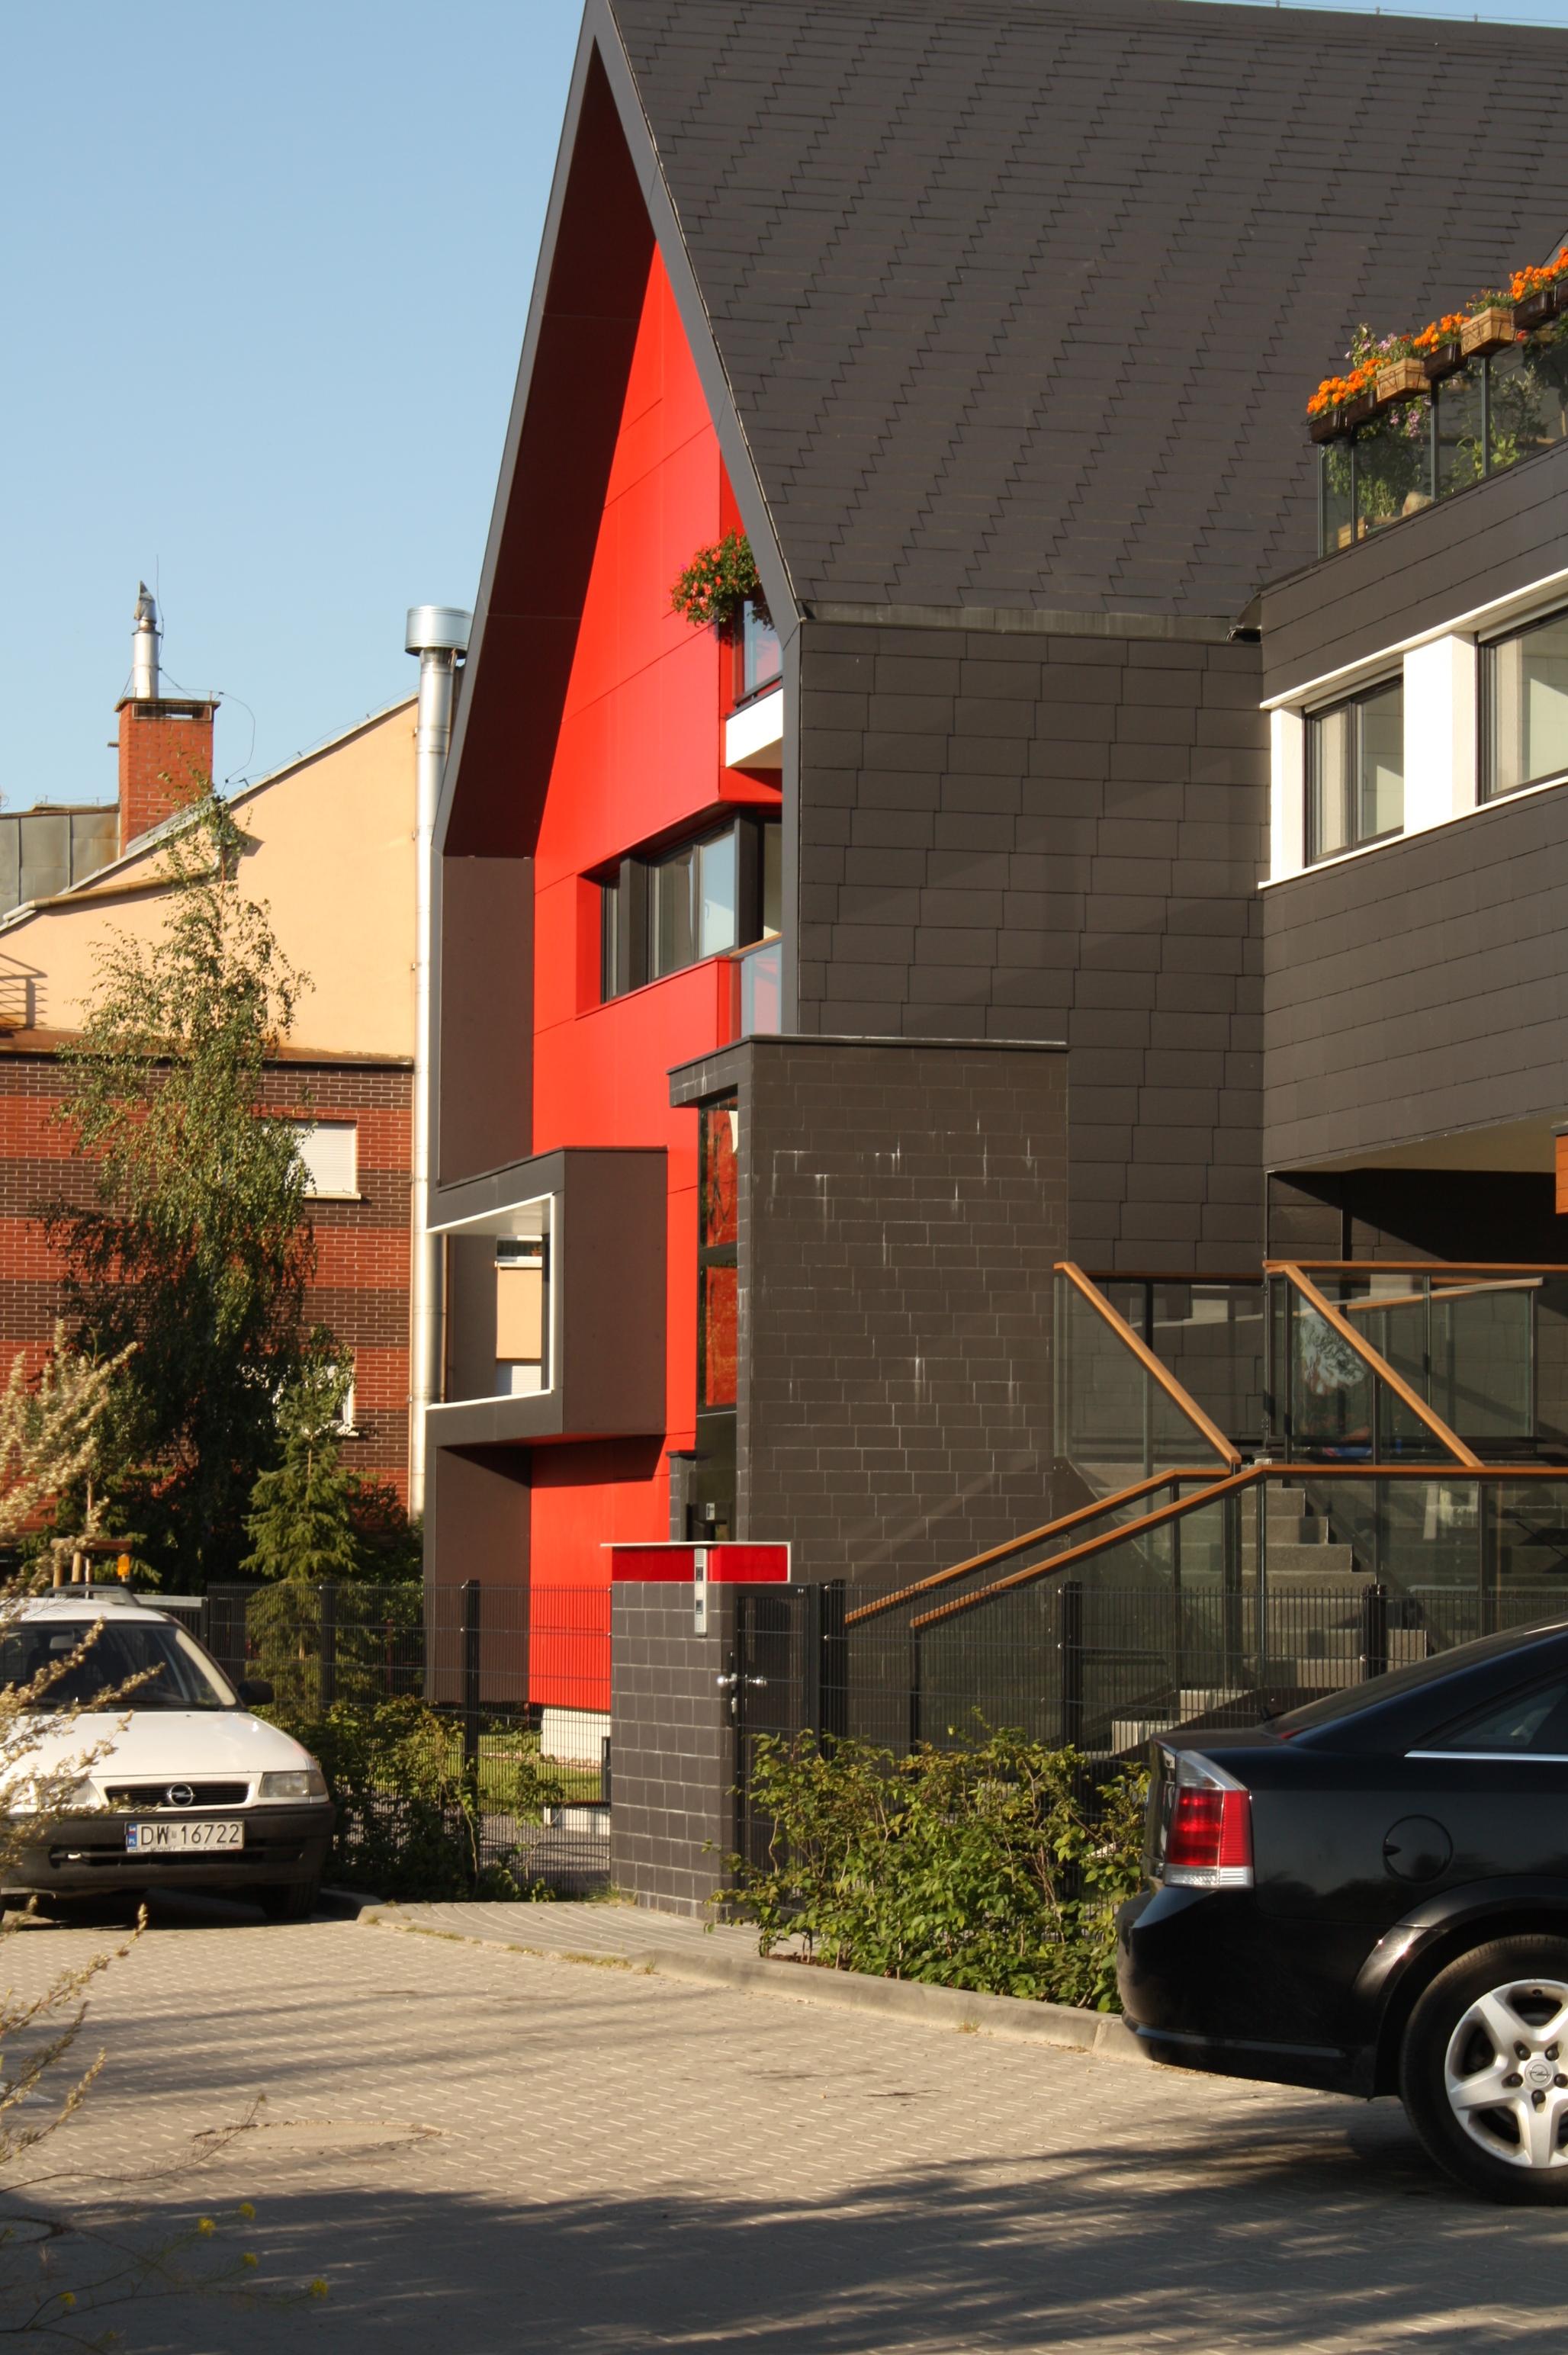 equitone nowoczesna elewwacja domu kolory